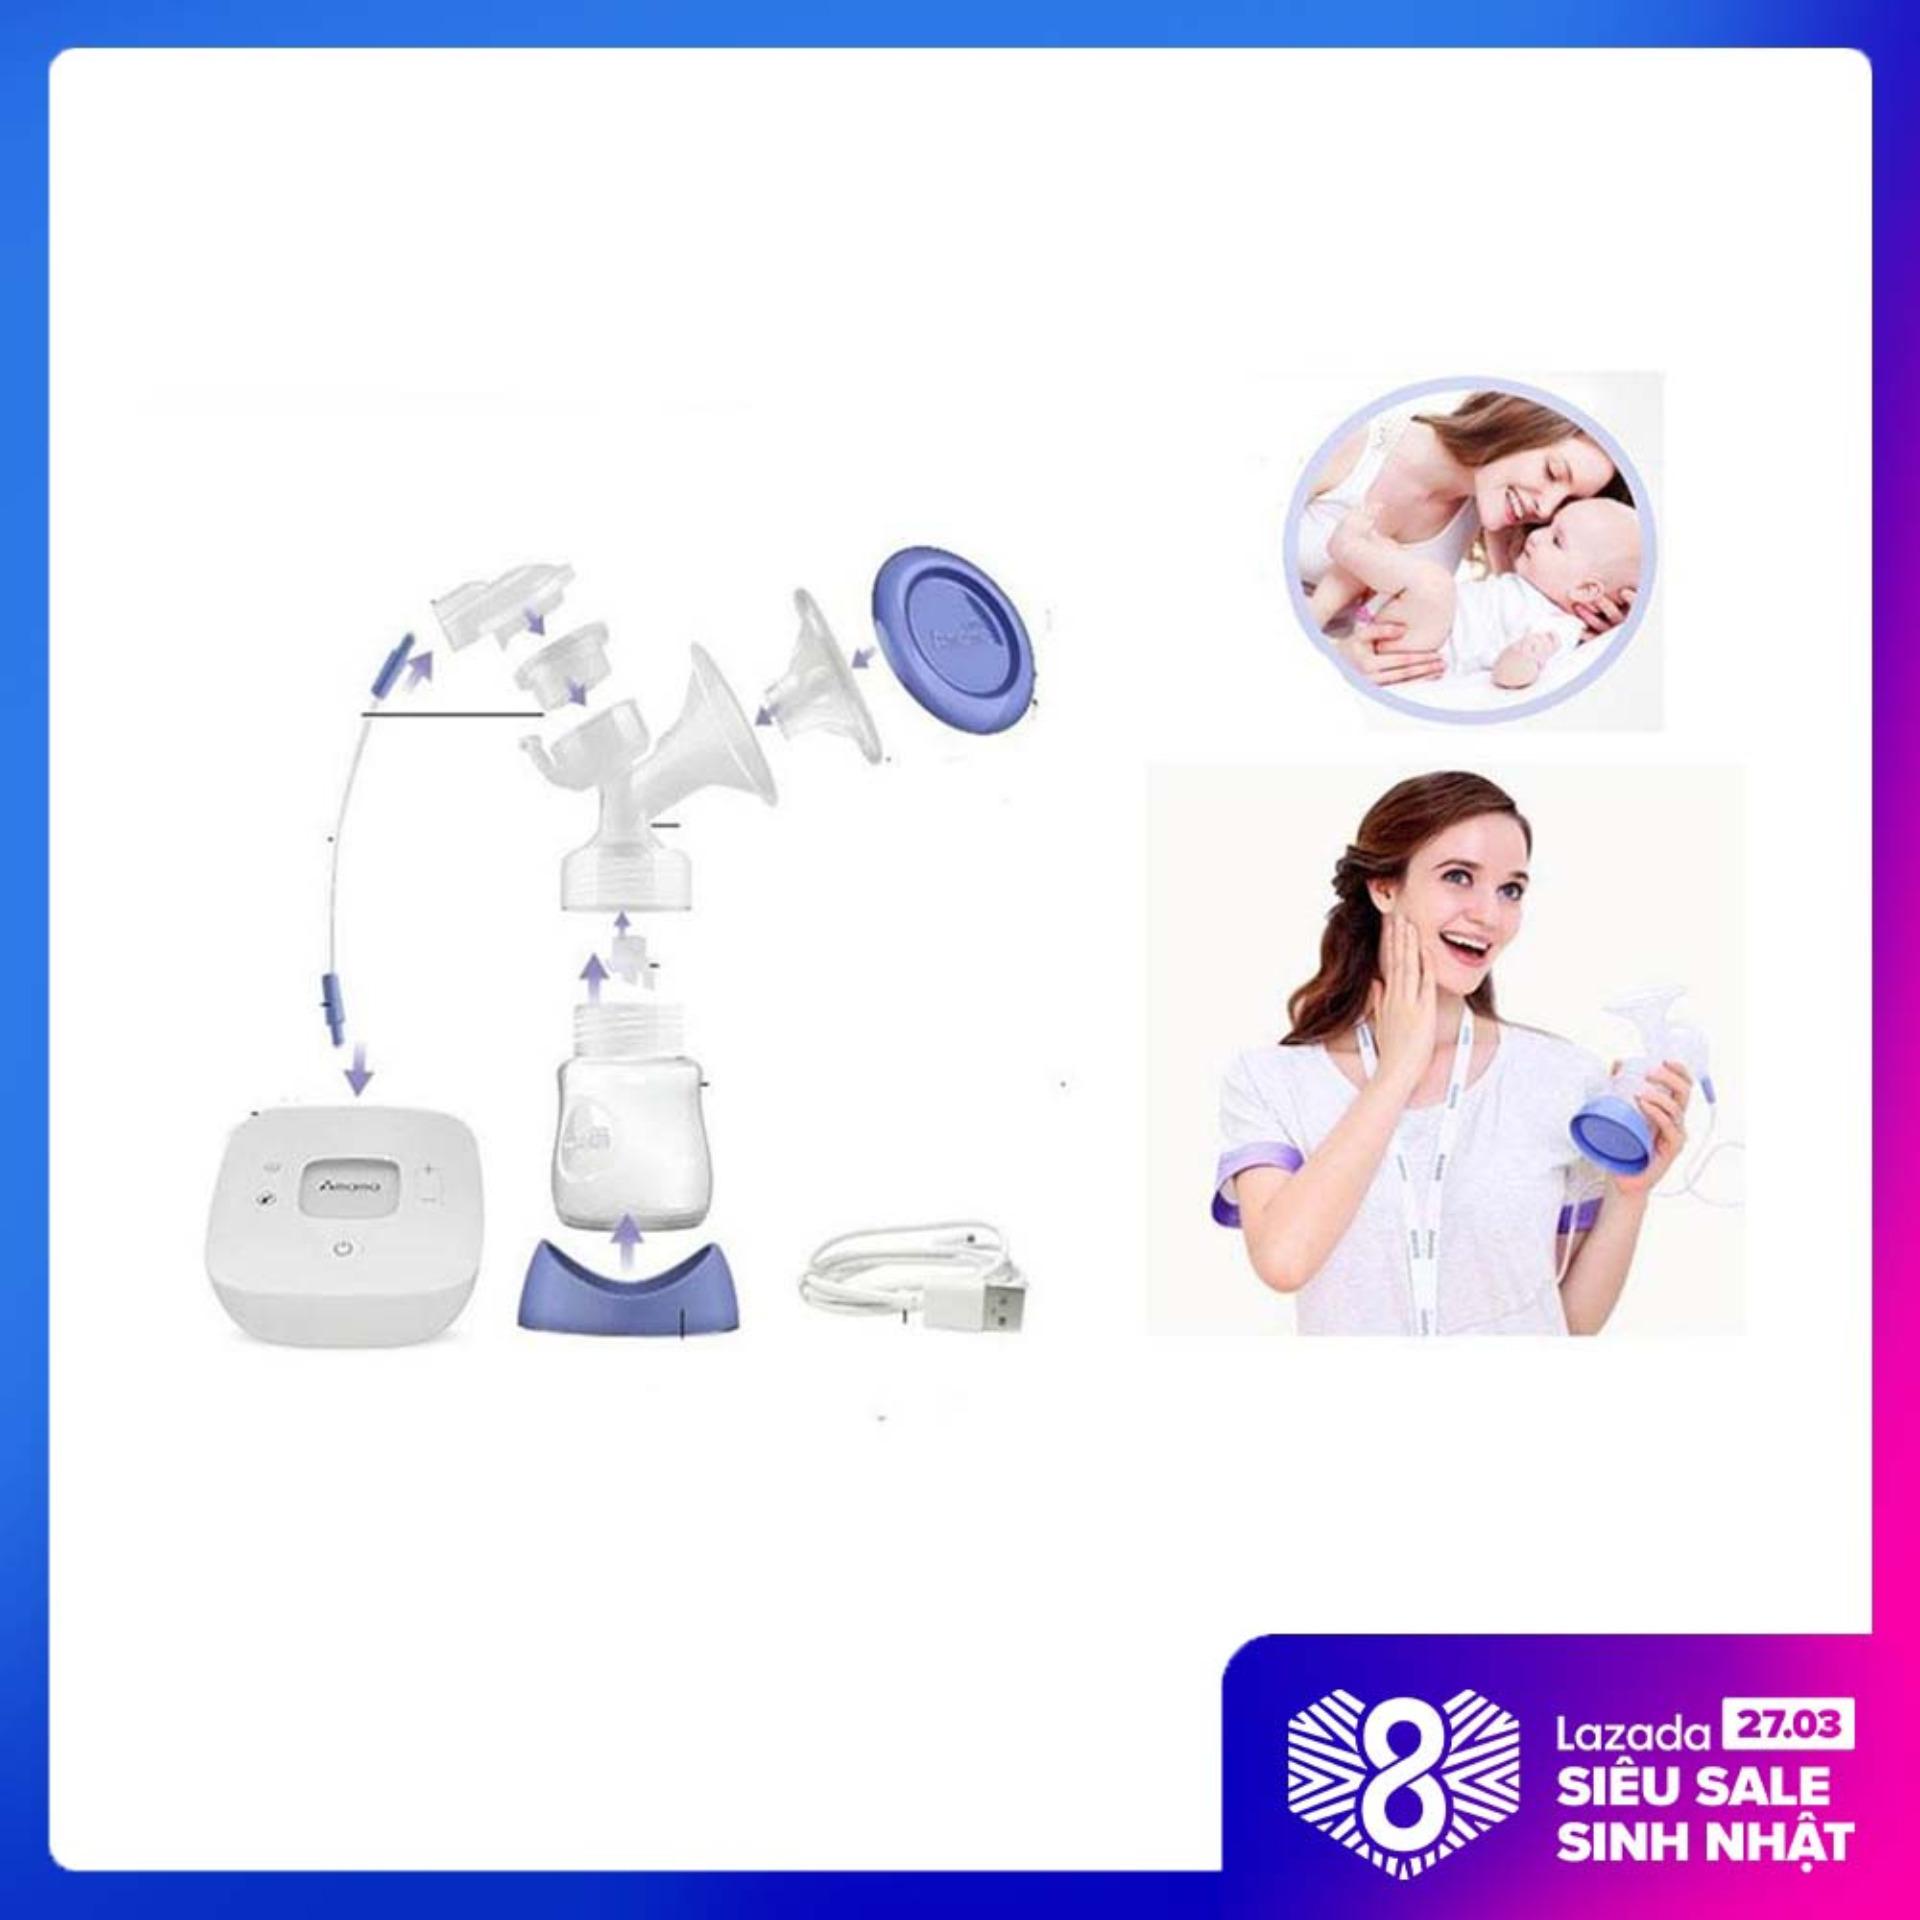 Nên mua máy hút sữa nào tốt, Mua Bán Máy Hút Sữa - Máy Vắt Sữa Cầm Tay Mini Amama SH5118, Kiểu Dáng Trang Nhã Thiết Kế Gọn Nhẹ, Dễ Dàng Điều Chỉnh Áp Lực Hút. Bảo hành 12 tháng tại BTS